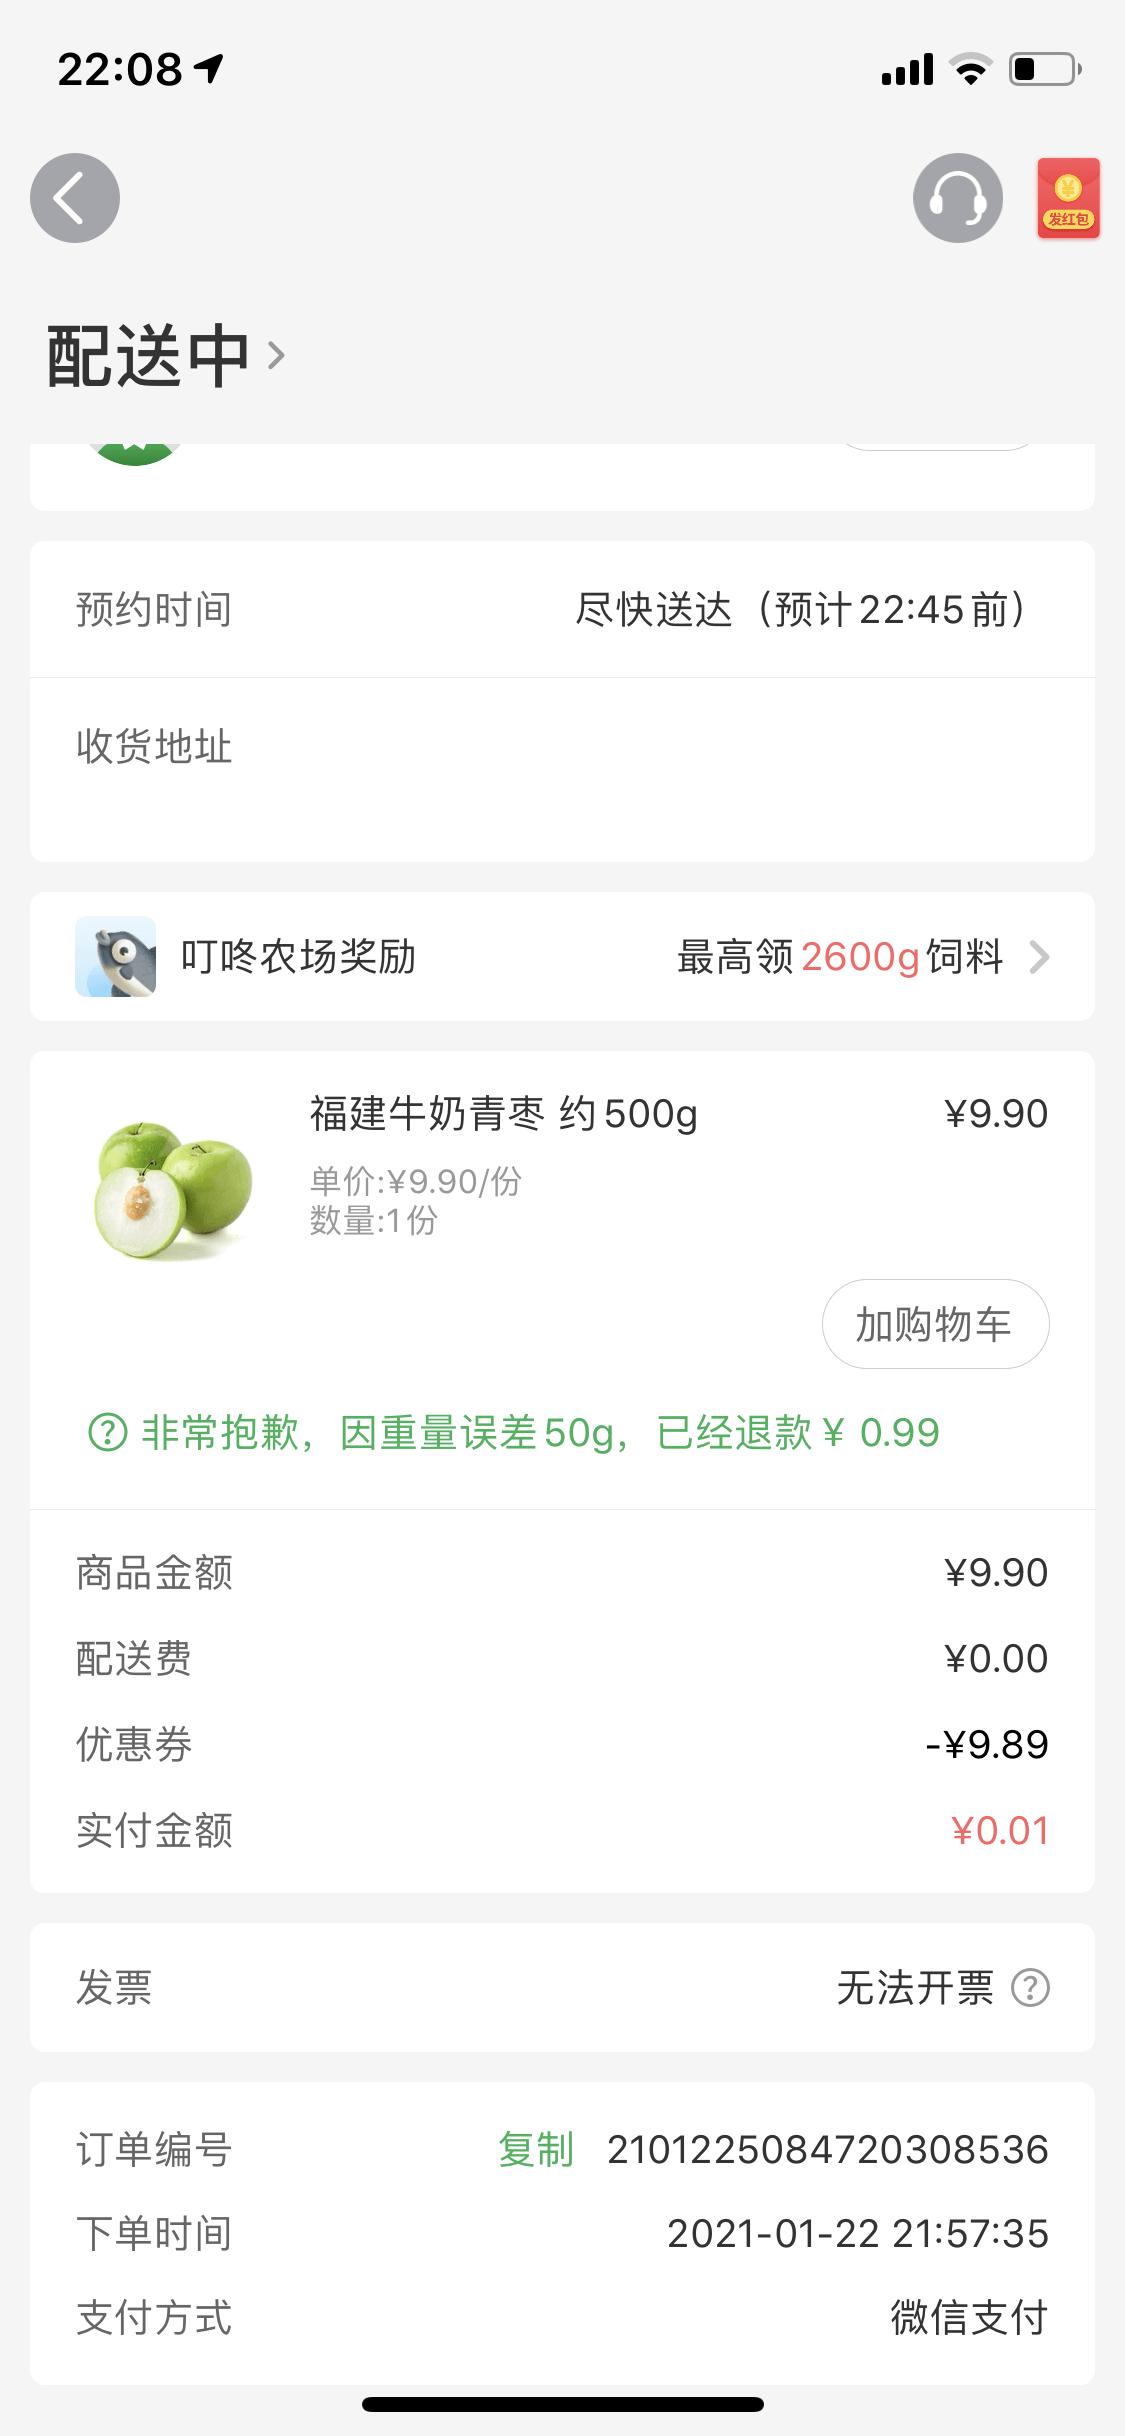 【优选福利】叮咚买菜福利【爸爸妈妈可开心了】-优选源码库